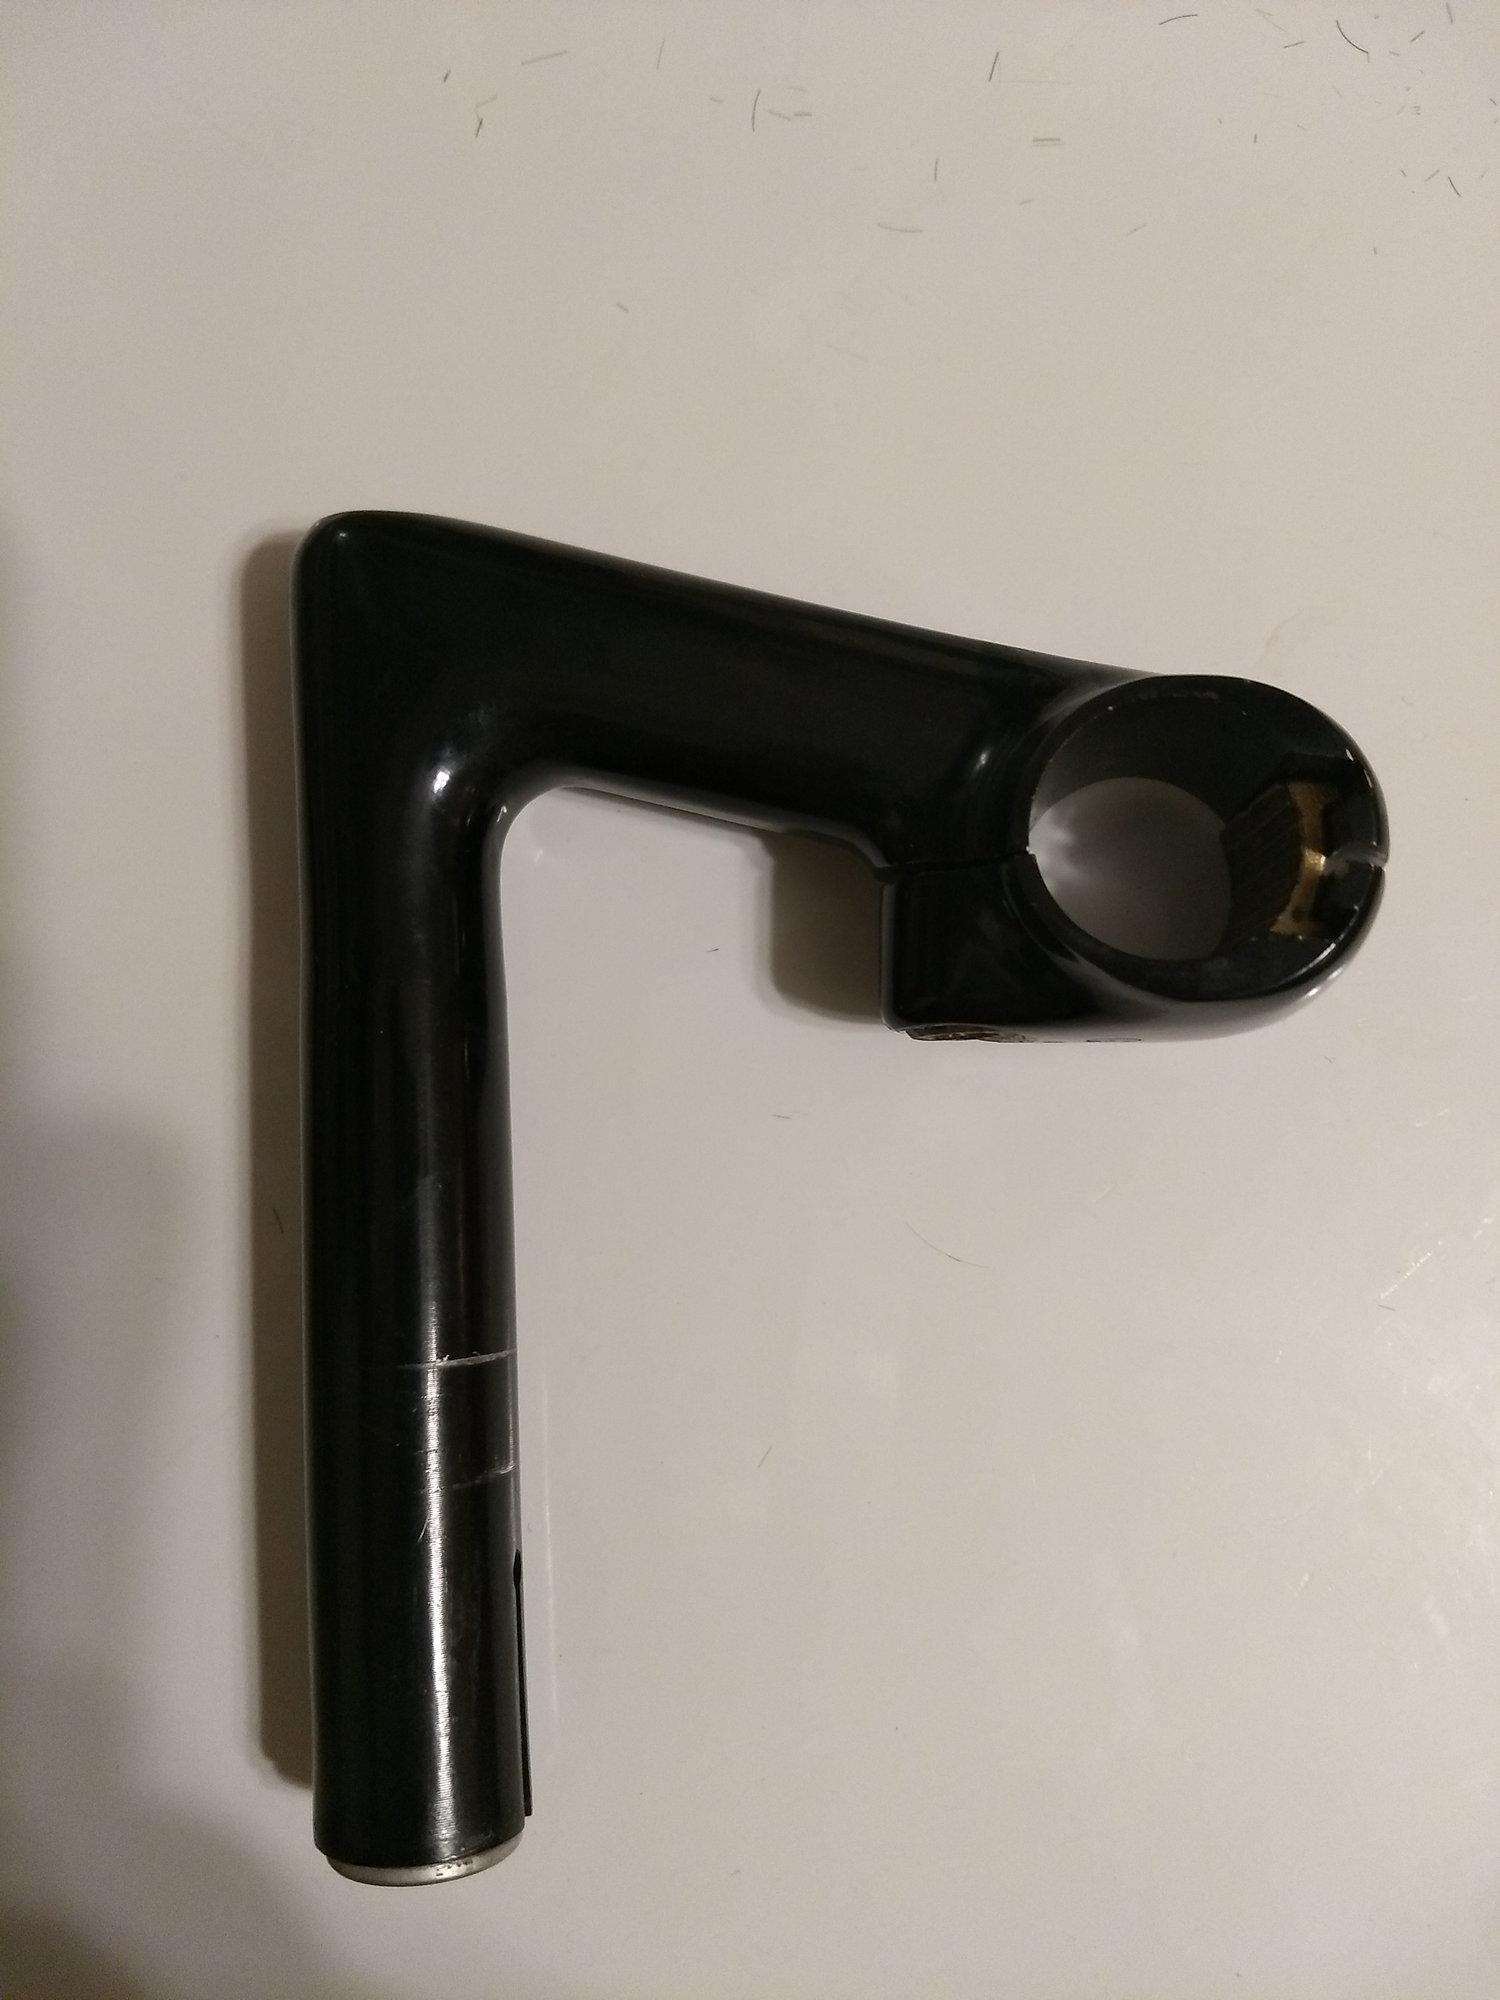 3ttt 90 degree Chromix Stem 595mm // City Handlebars 90-130mm, 25.4 clamp